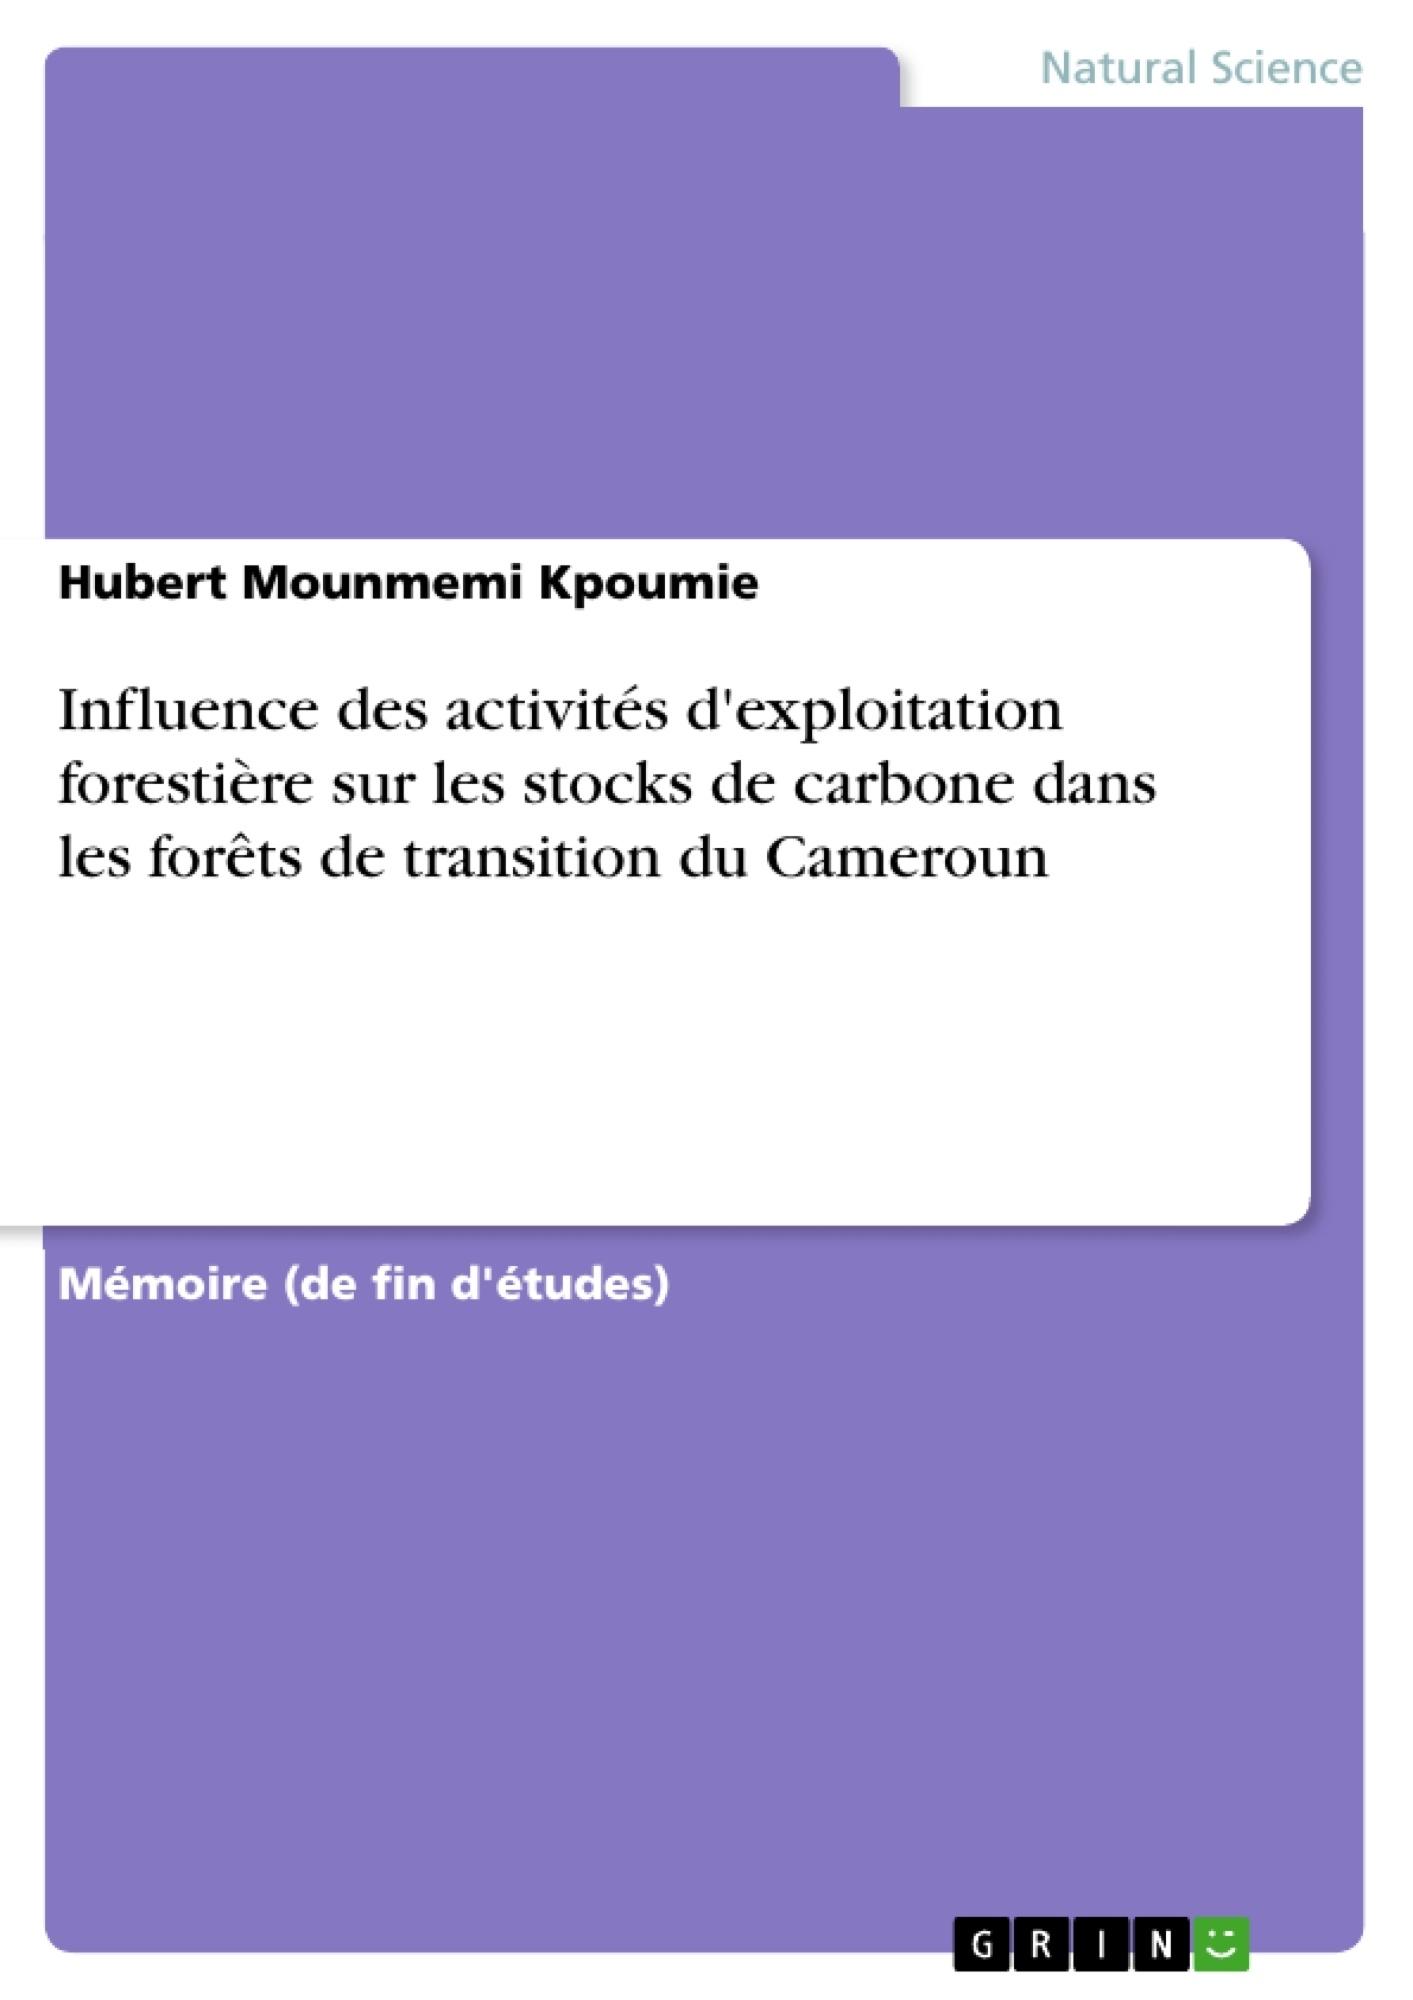 Titre: Influence des activités d'exploitation forestière sur les stocks de carbone dans les forêts de transition du Cameroun